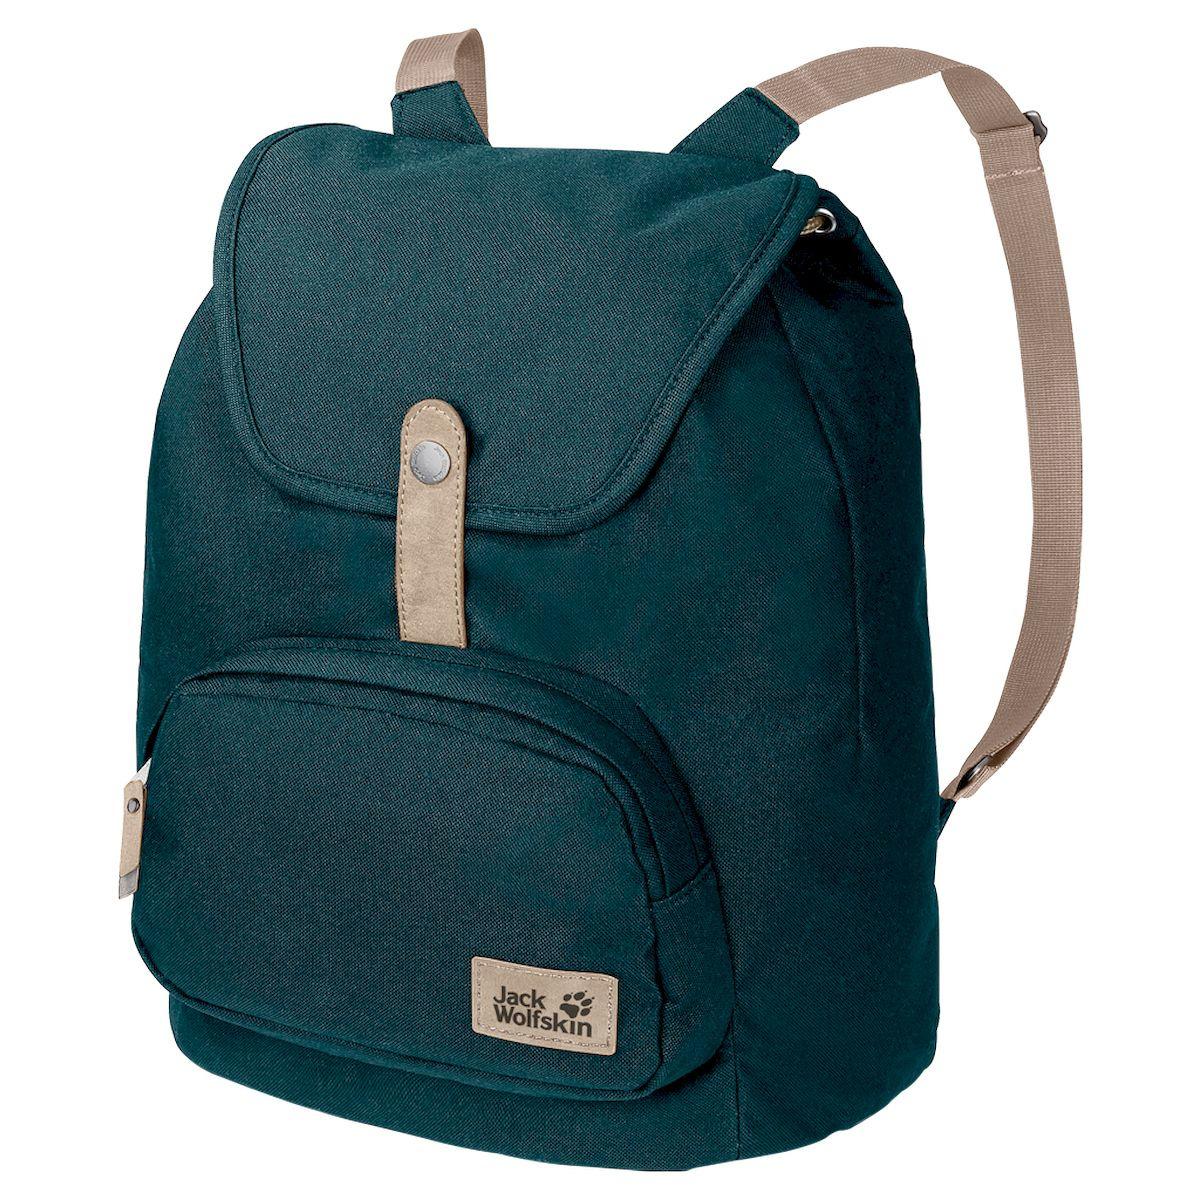 Рюкзак Jack Wolfskin Long Acre, 2006562-4041, зеленый2006562-4041Рюкзак LONG ACRE (ЛОНГ ЭЙКЕ) выполнен в стильном ретро-дизайне и по размерам идеально подходит для города — при этом неважно, в родном ли вы городе или же за полмира от него. Основное отделение имеет простую застежку в виде затяжки на шнурке и откидной клапан. В удобном переднем отделении поместятся телефон, ключи и т.д. Рюкзак выполнен в привлекательном дизайне — в форме пирамиды с узкими лямками. Как и все сумки и рюкзаки серии SEVEN DIALS (СЭВЭН ДАЙЭЛЗ), LONG ACRE (ЛОНГ ЭЙКЕ) сшит из прочной ткани из переработанных материалов, а его основание и отделка выполнены из искусственной замши.